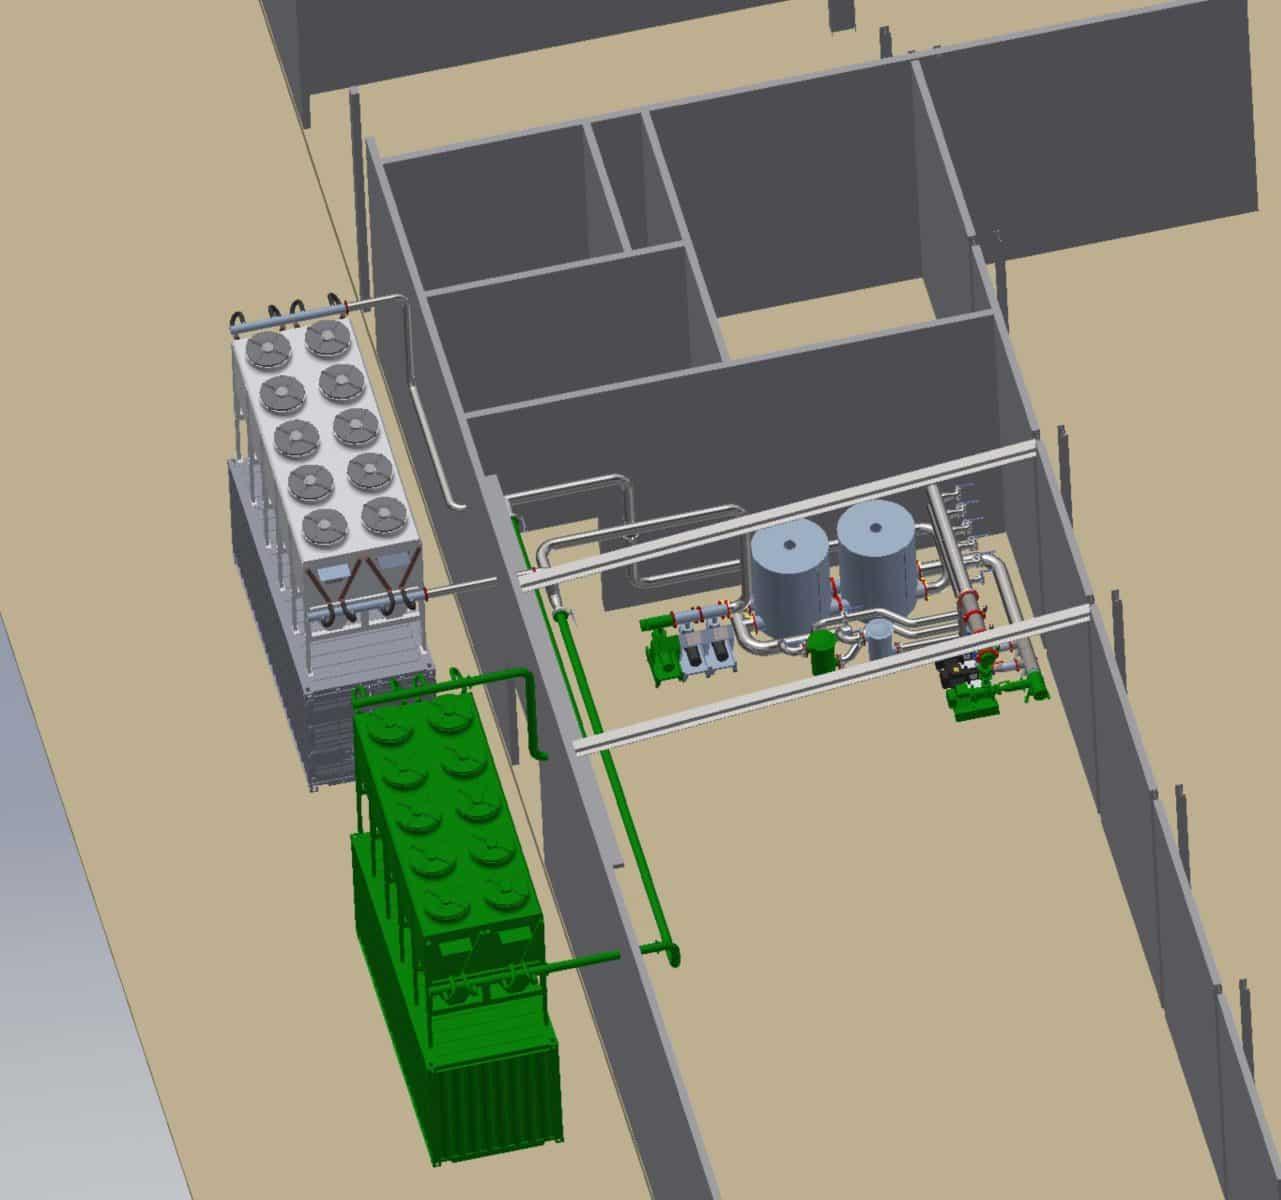 3d_tekening_koelingsysteem integratie en installatie